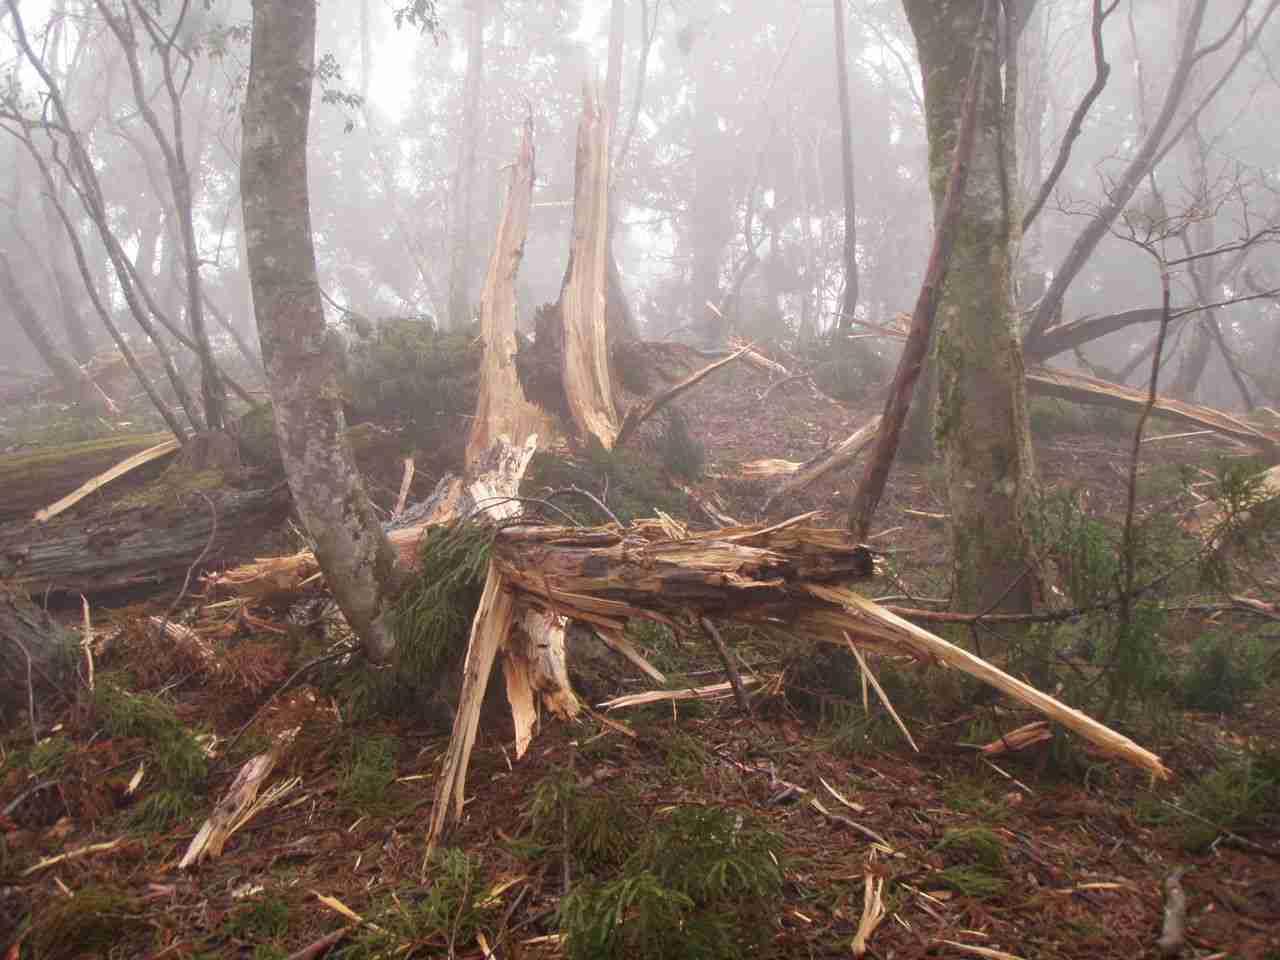 木に落雷した後の状態があまりに意外過ぎる